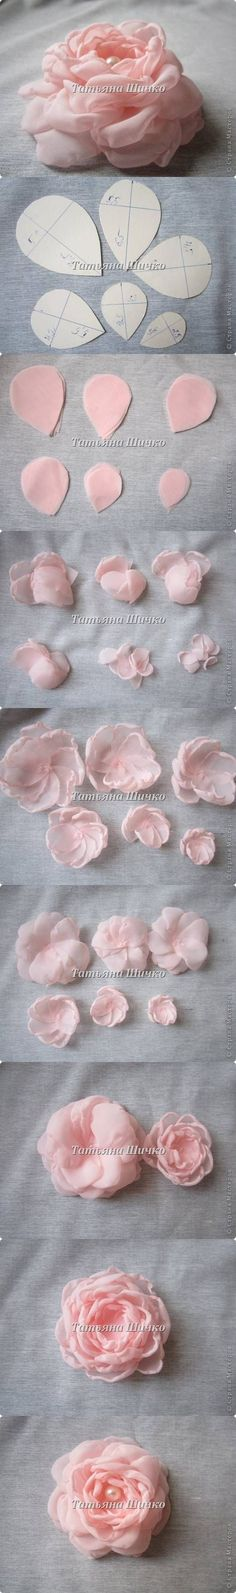 DIY de nylon de flor DIY Proyectos | UsefulDIY.com